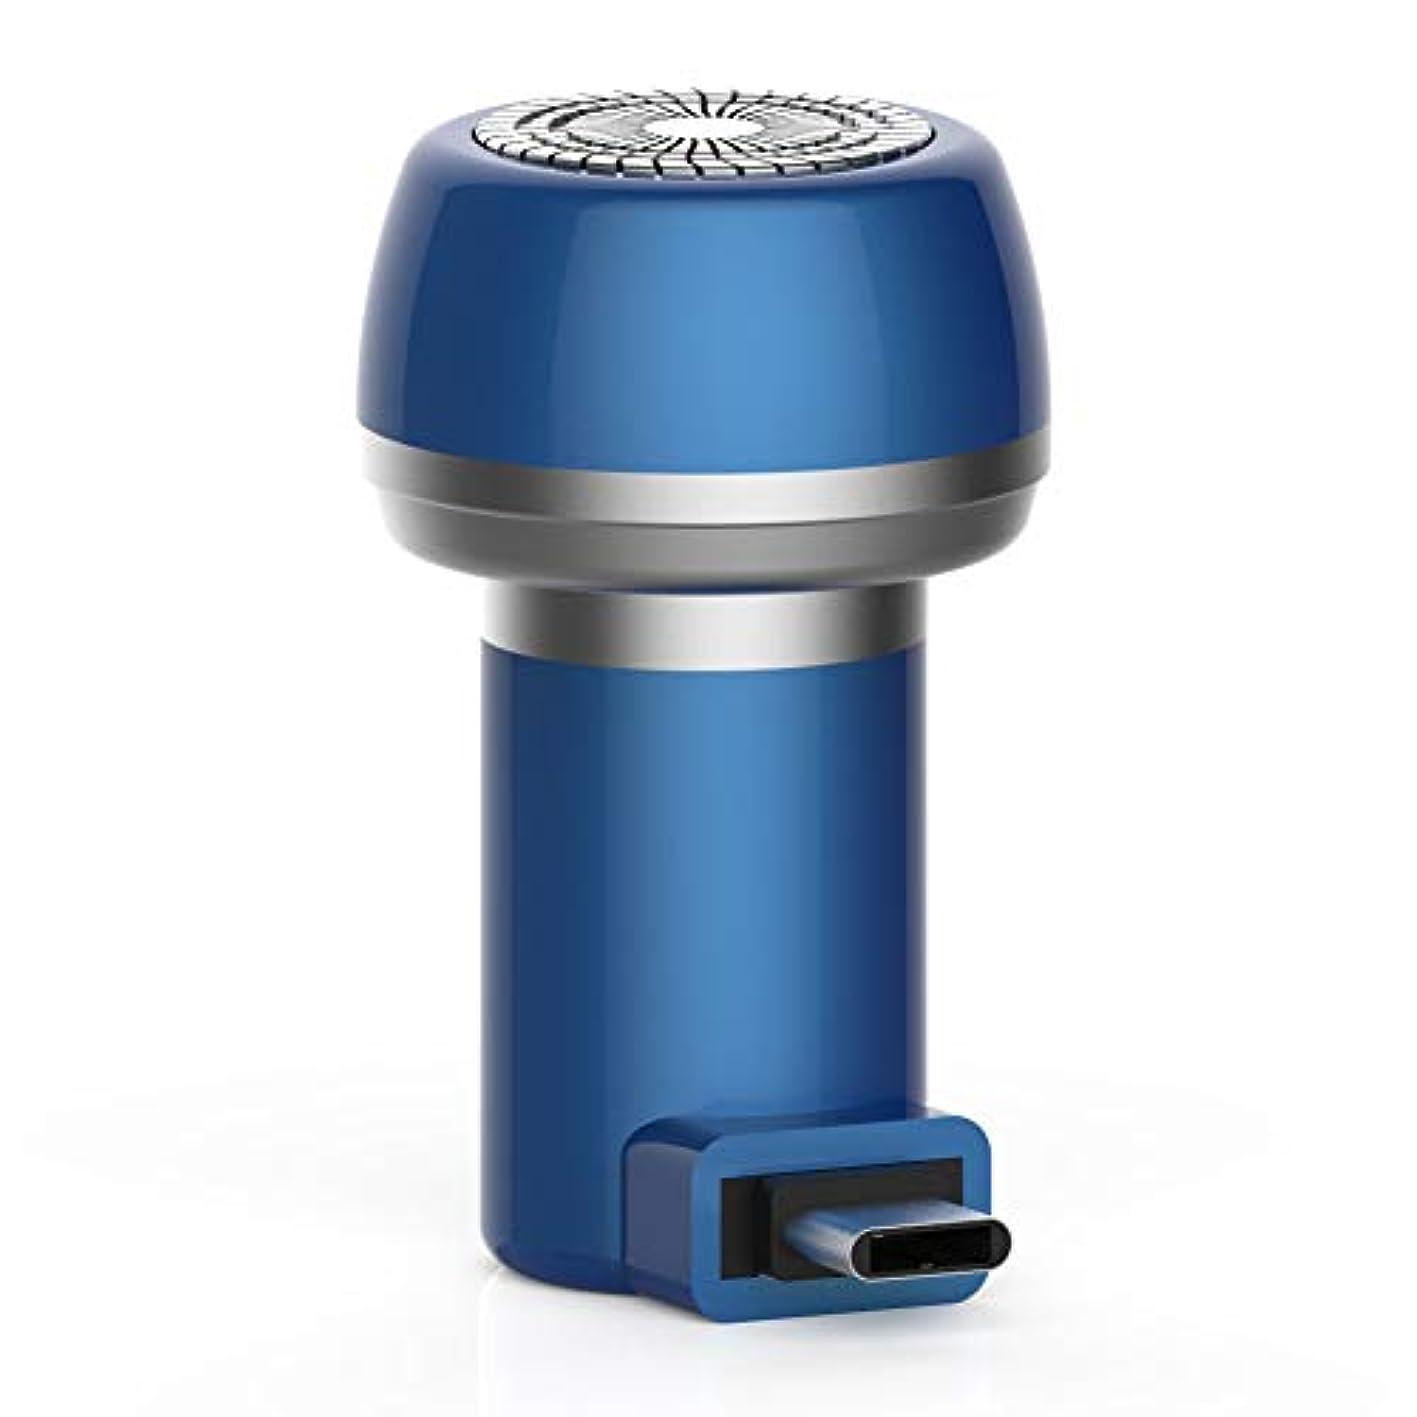 フラップ不健康安価なProfeel 2 1磁気電気シェーバーミニポータブルType-C USB防水剃刀